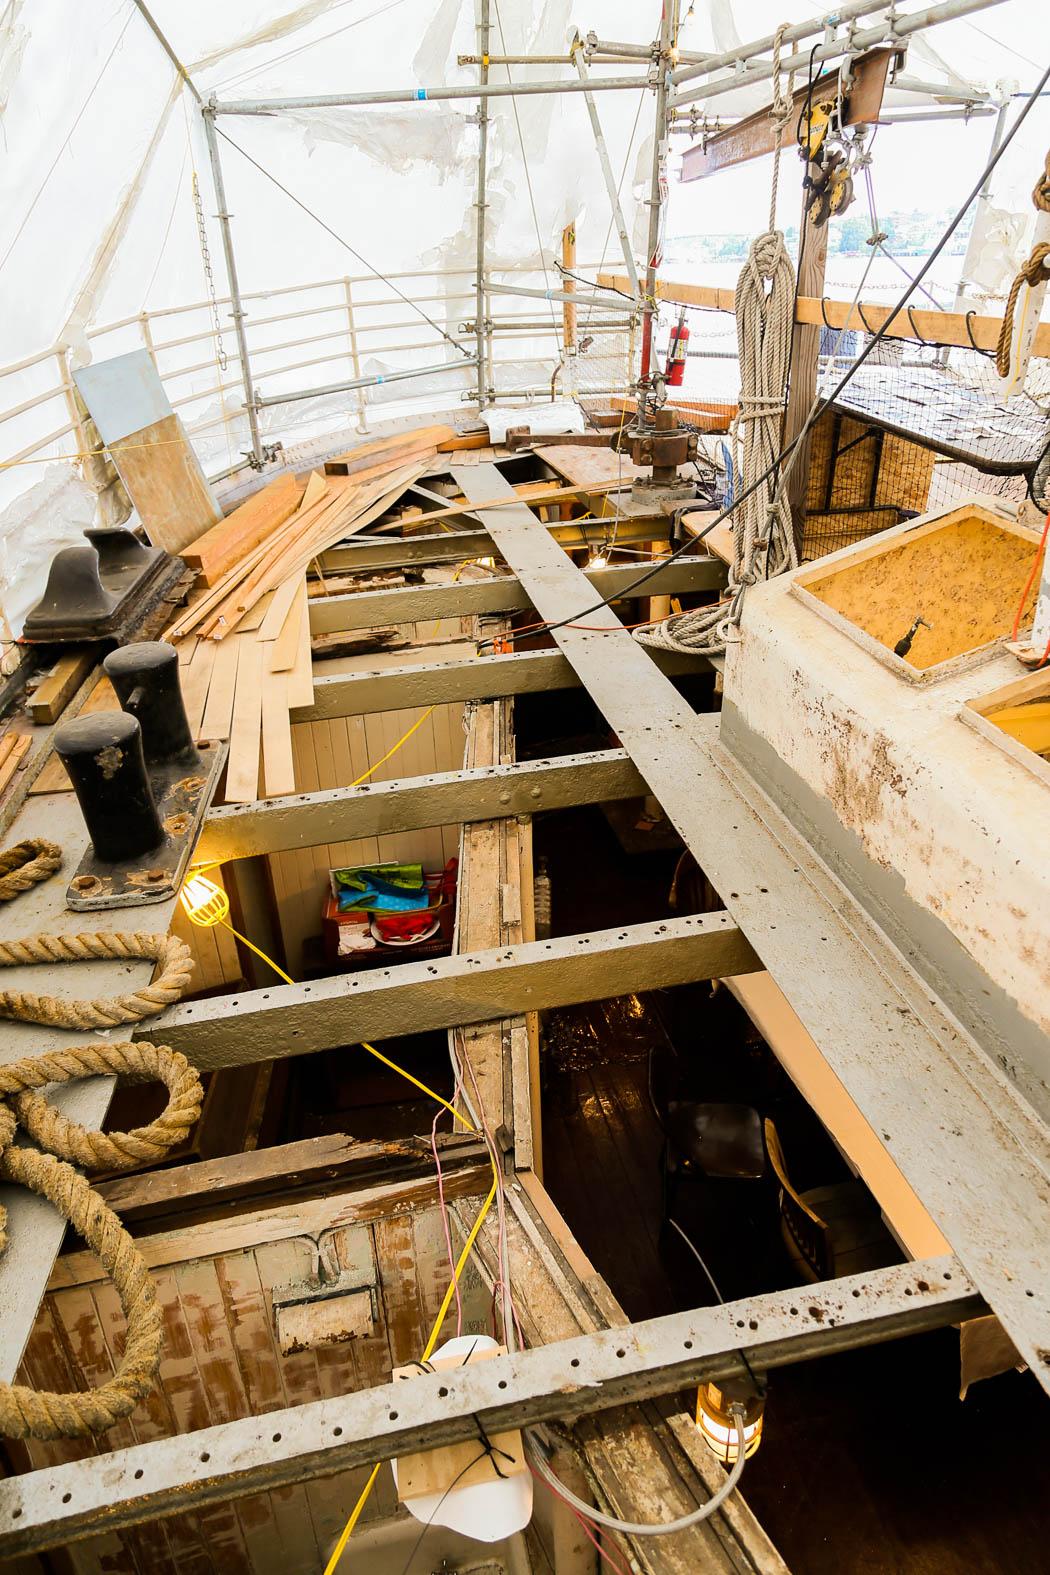 Ombord på ett gammalt fyrskepp, Swiftcurrent, som håller på att renoveras.